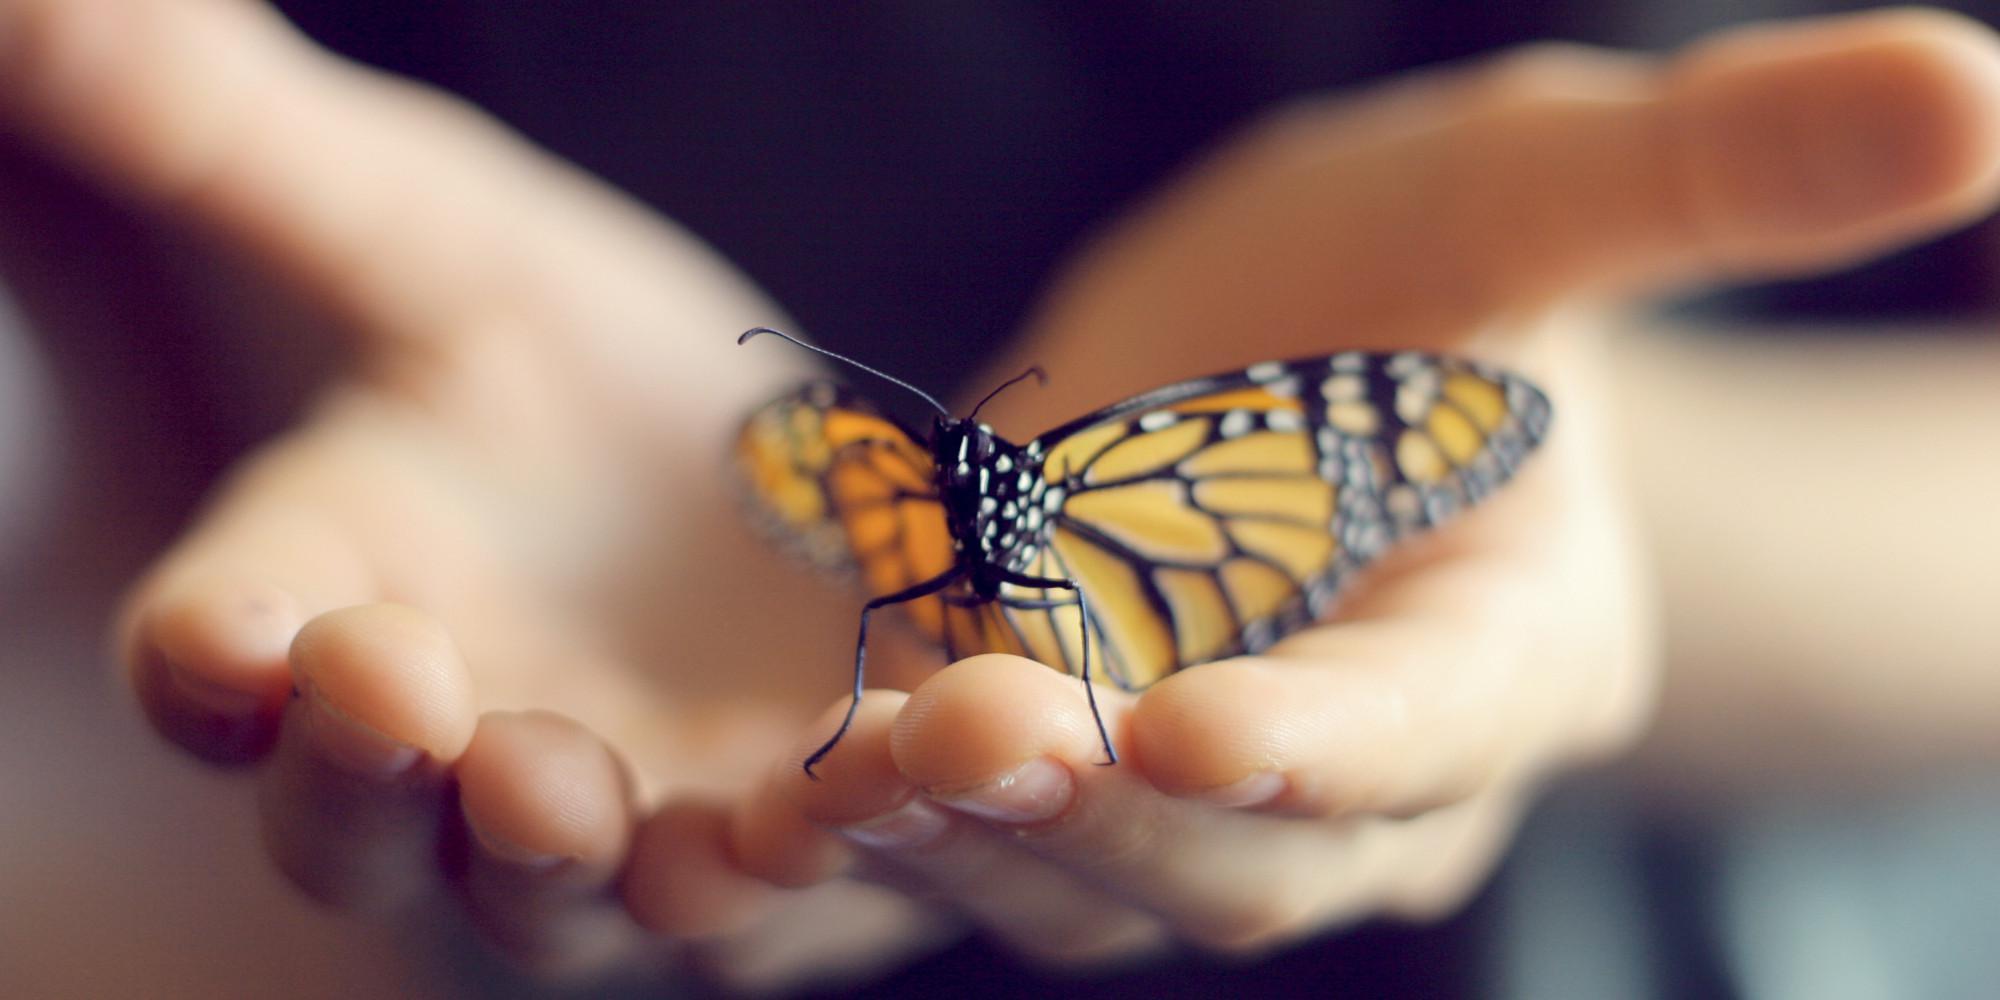 Бабочки в руках картинки, букетами день